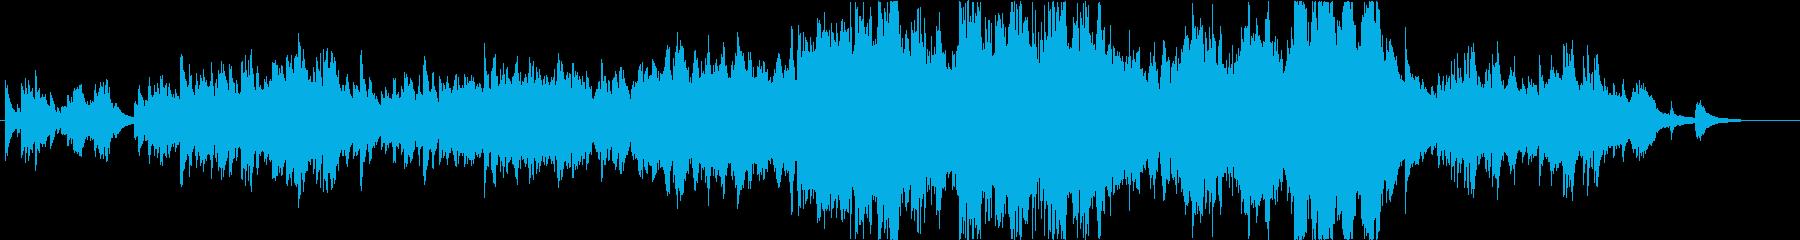 ピアノ連弾とストリングスの曲の再生済みの波形